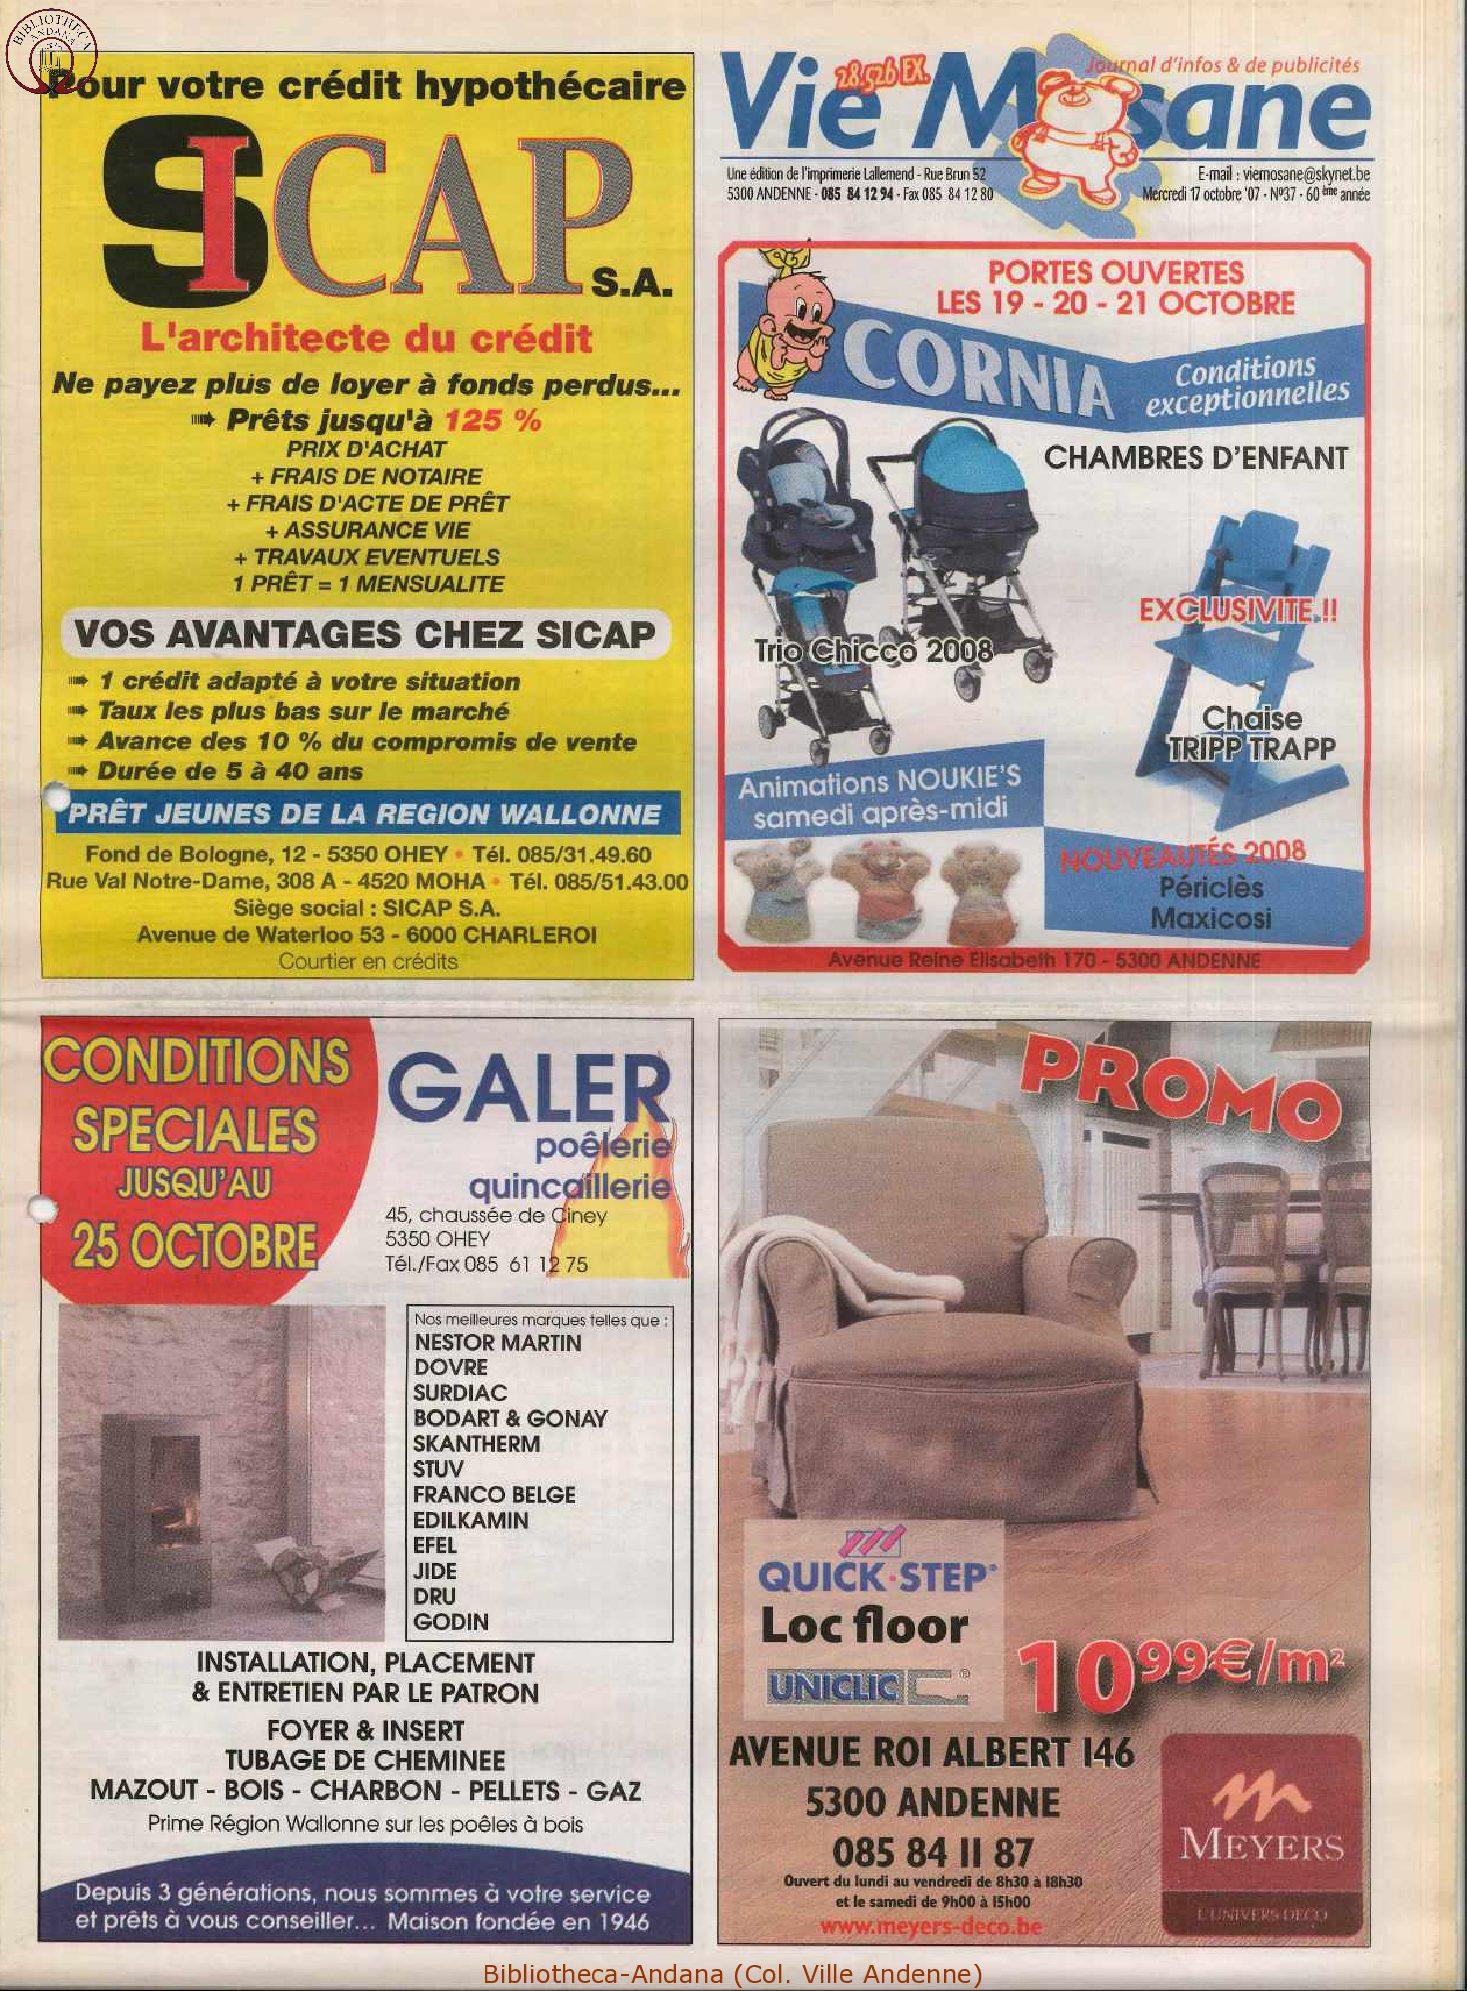 60e année - n°37 - 10 octobre 2007